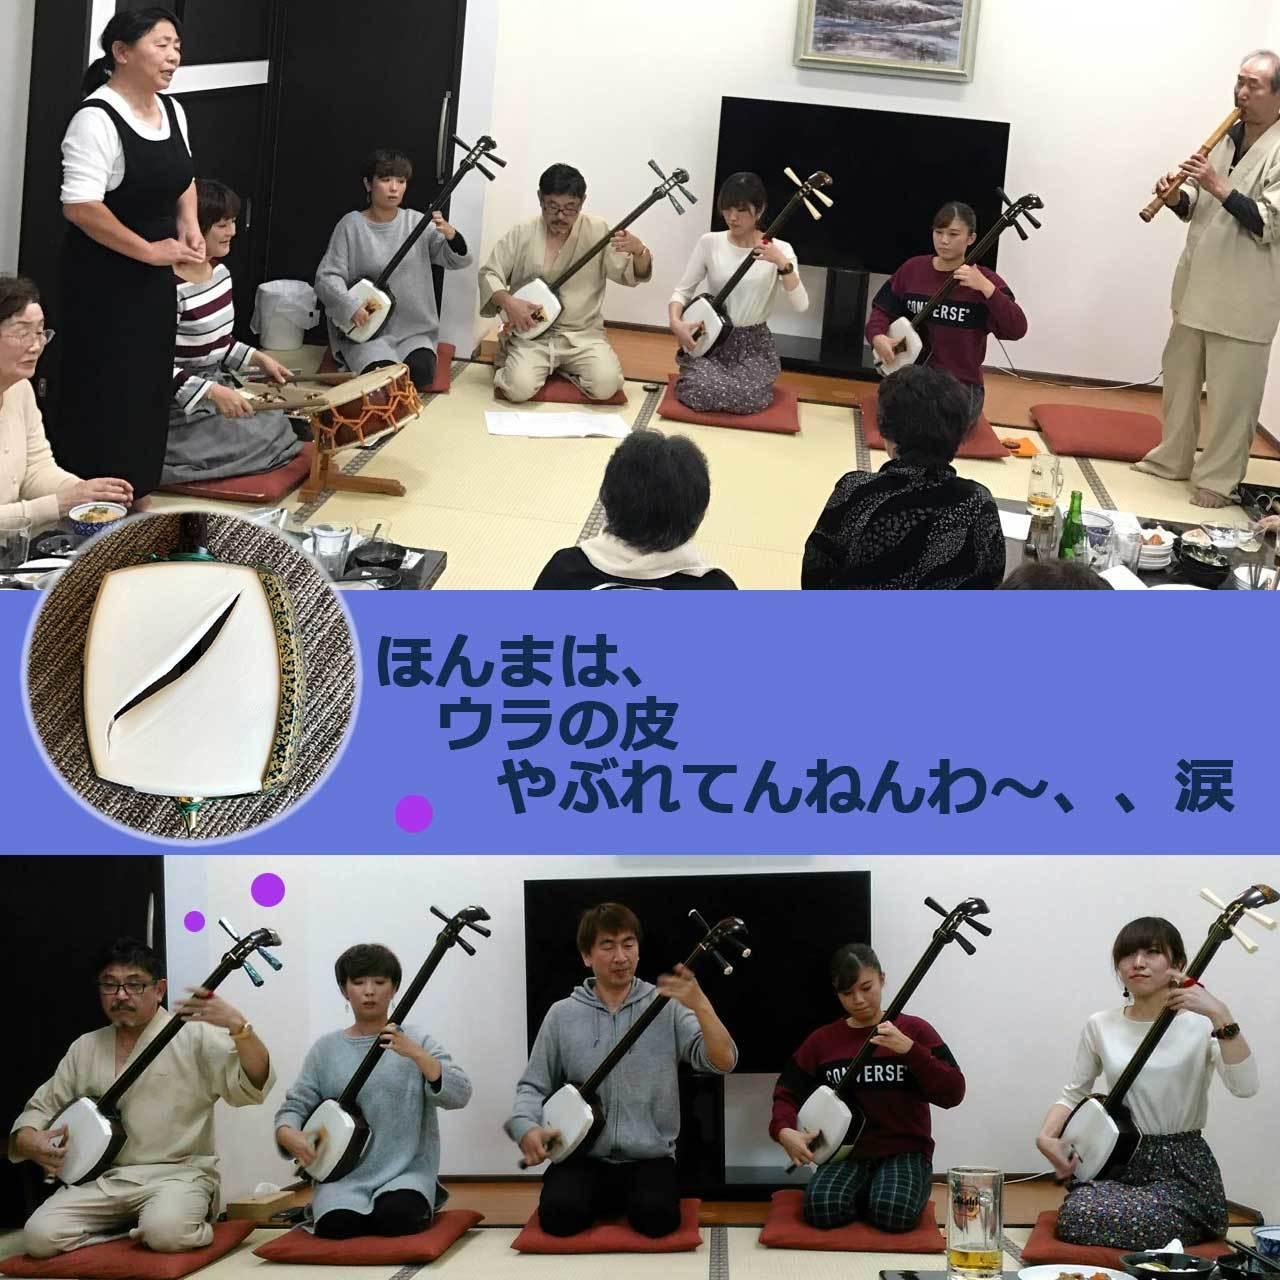 iwate_yoru.jpg